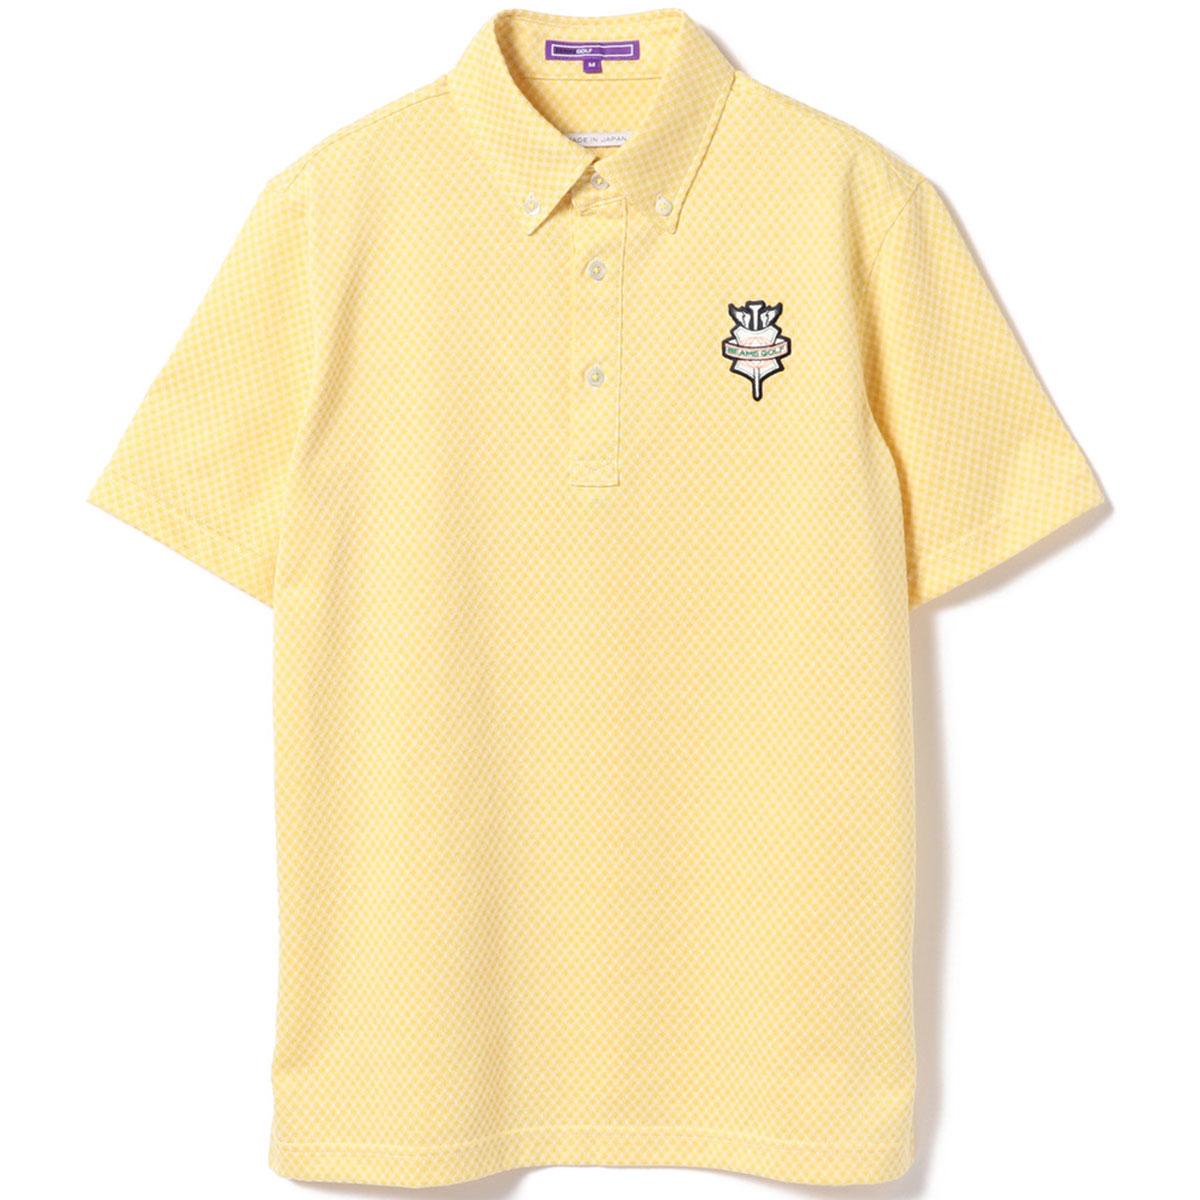 BEAMS GOLF PURPLE LABEL バイアス チェック ポロシャツ